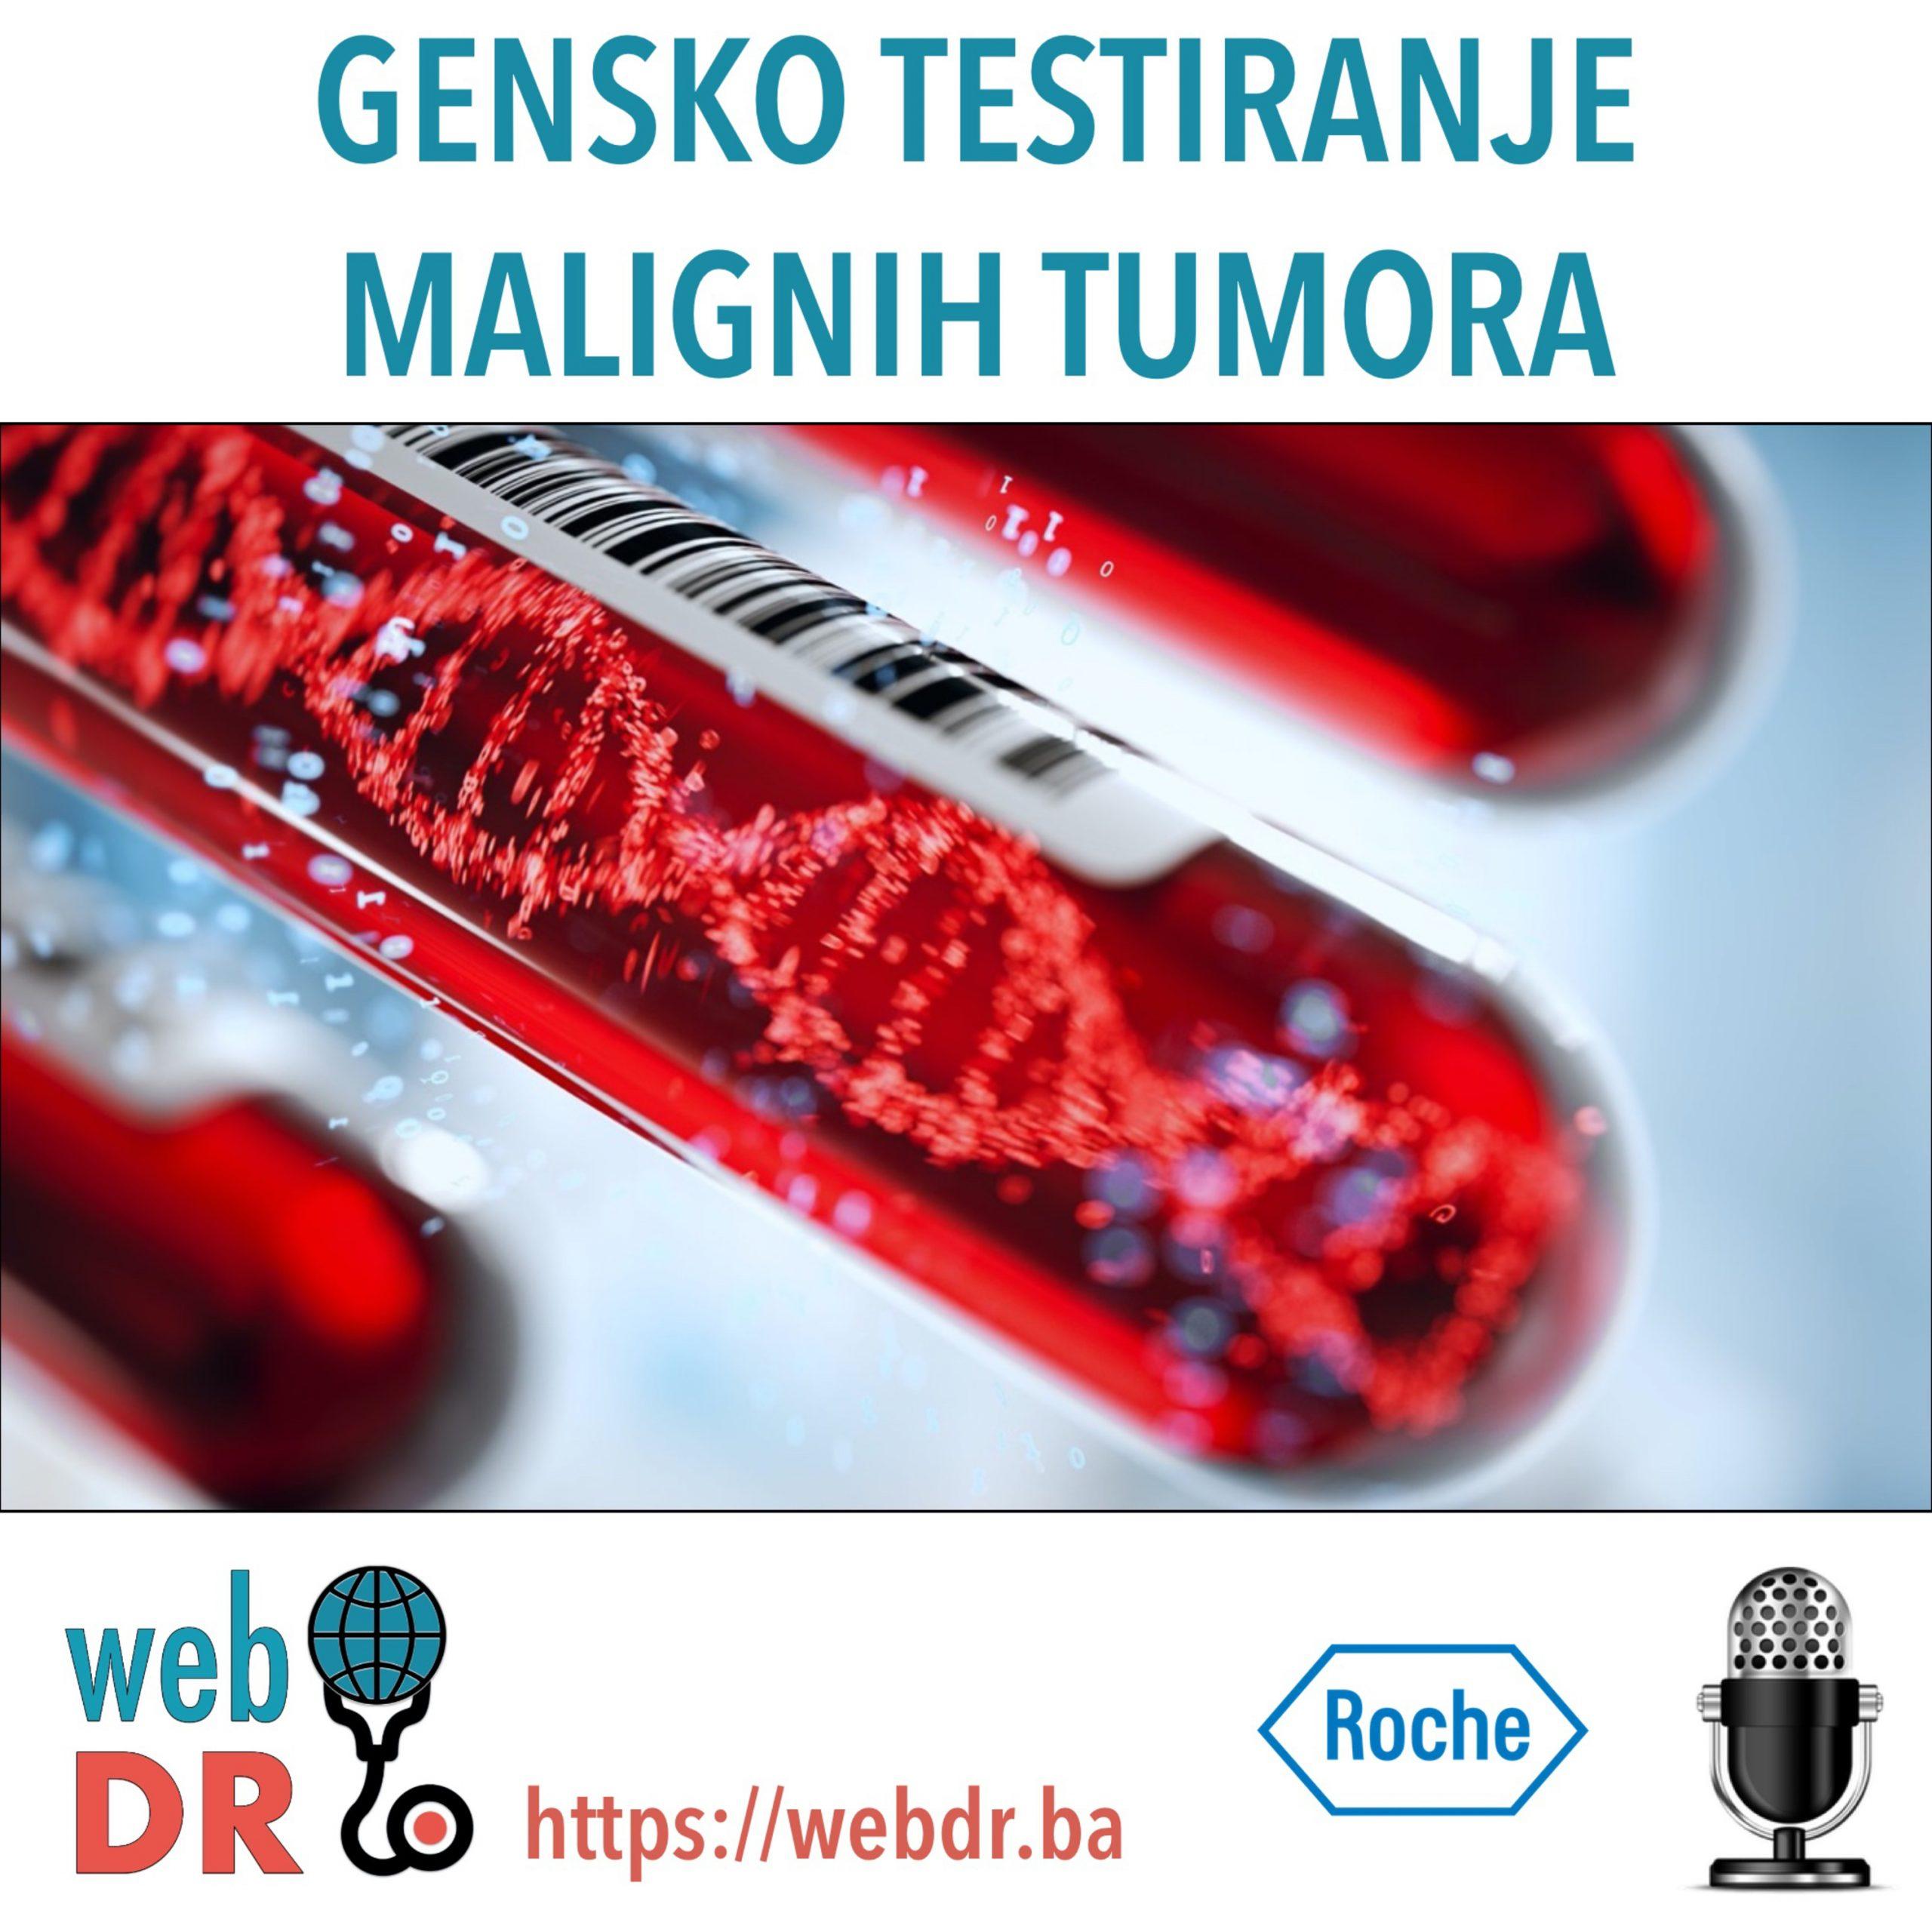 Gensko testiranje malignih tumora